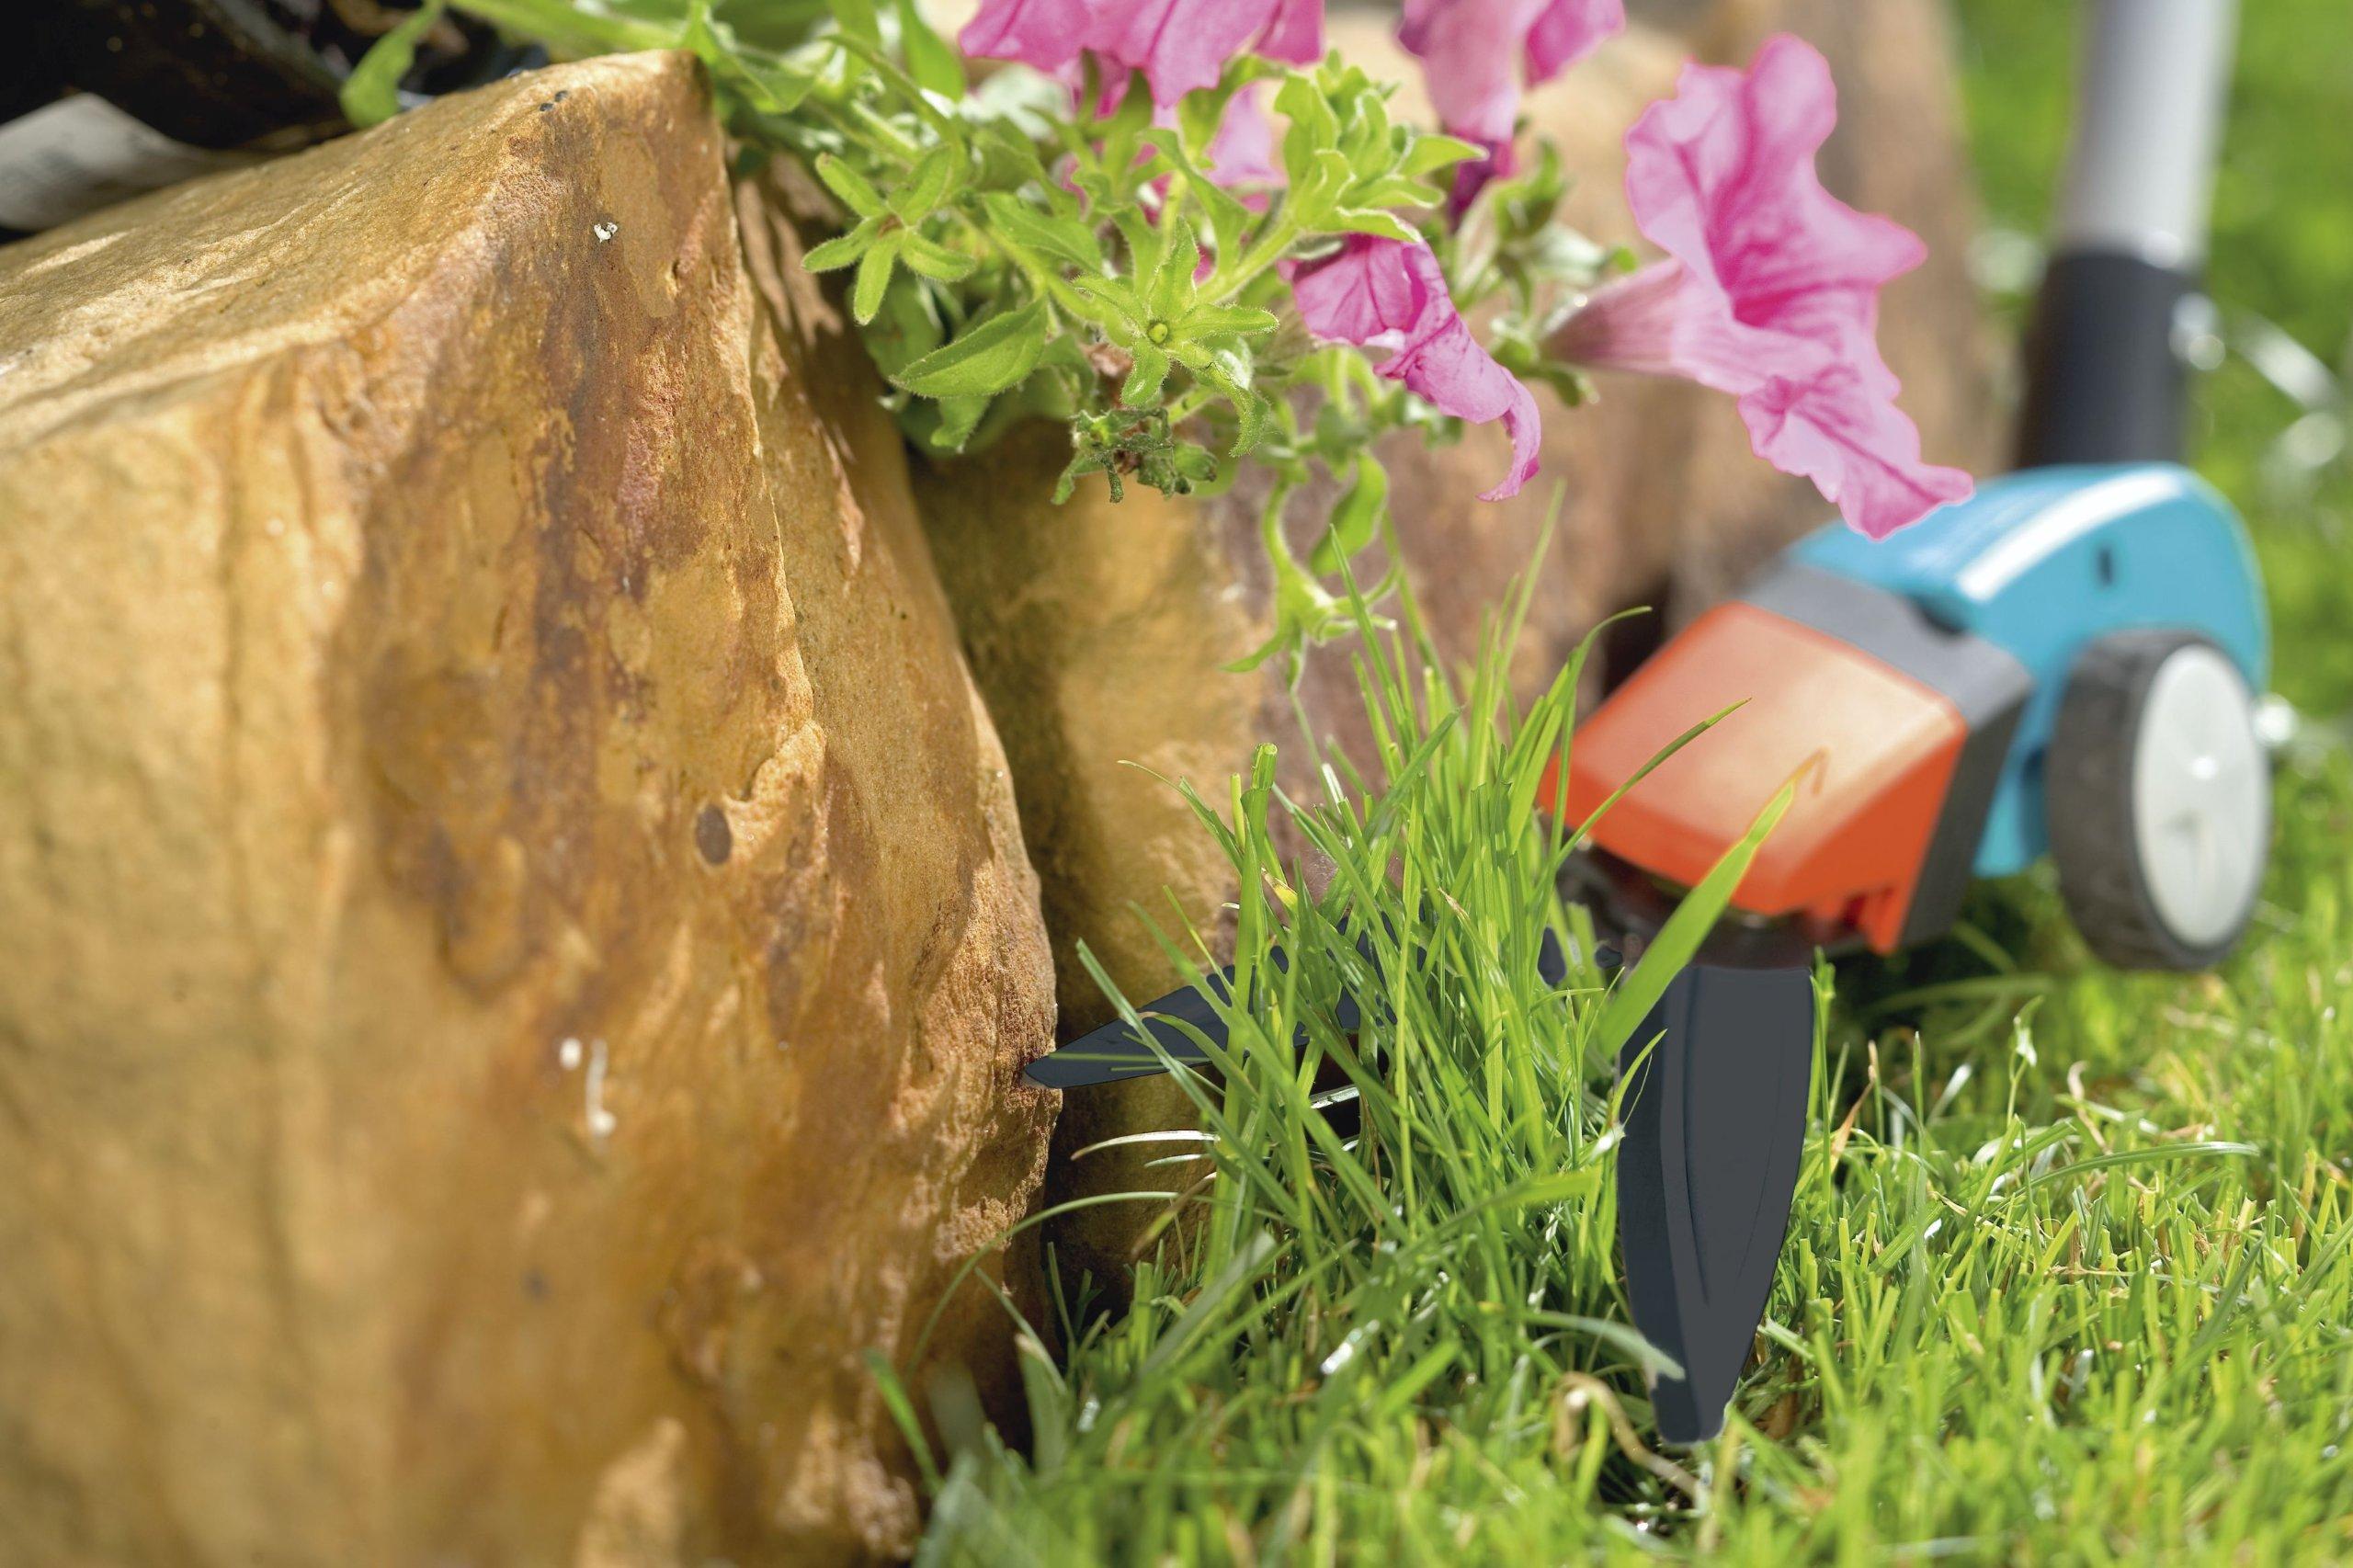 Gardena 8740 Comfort 27-Inch Long Handle Swiveling Grass Shears